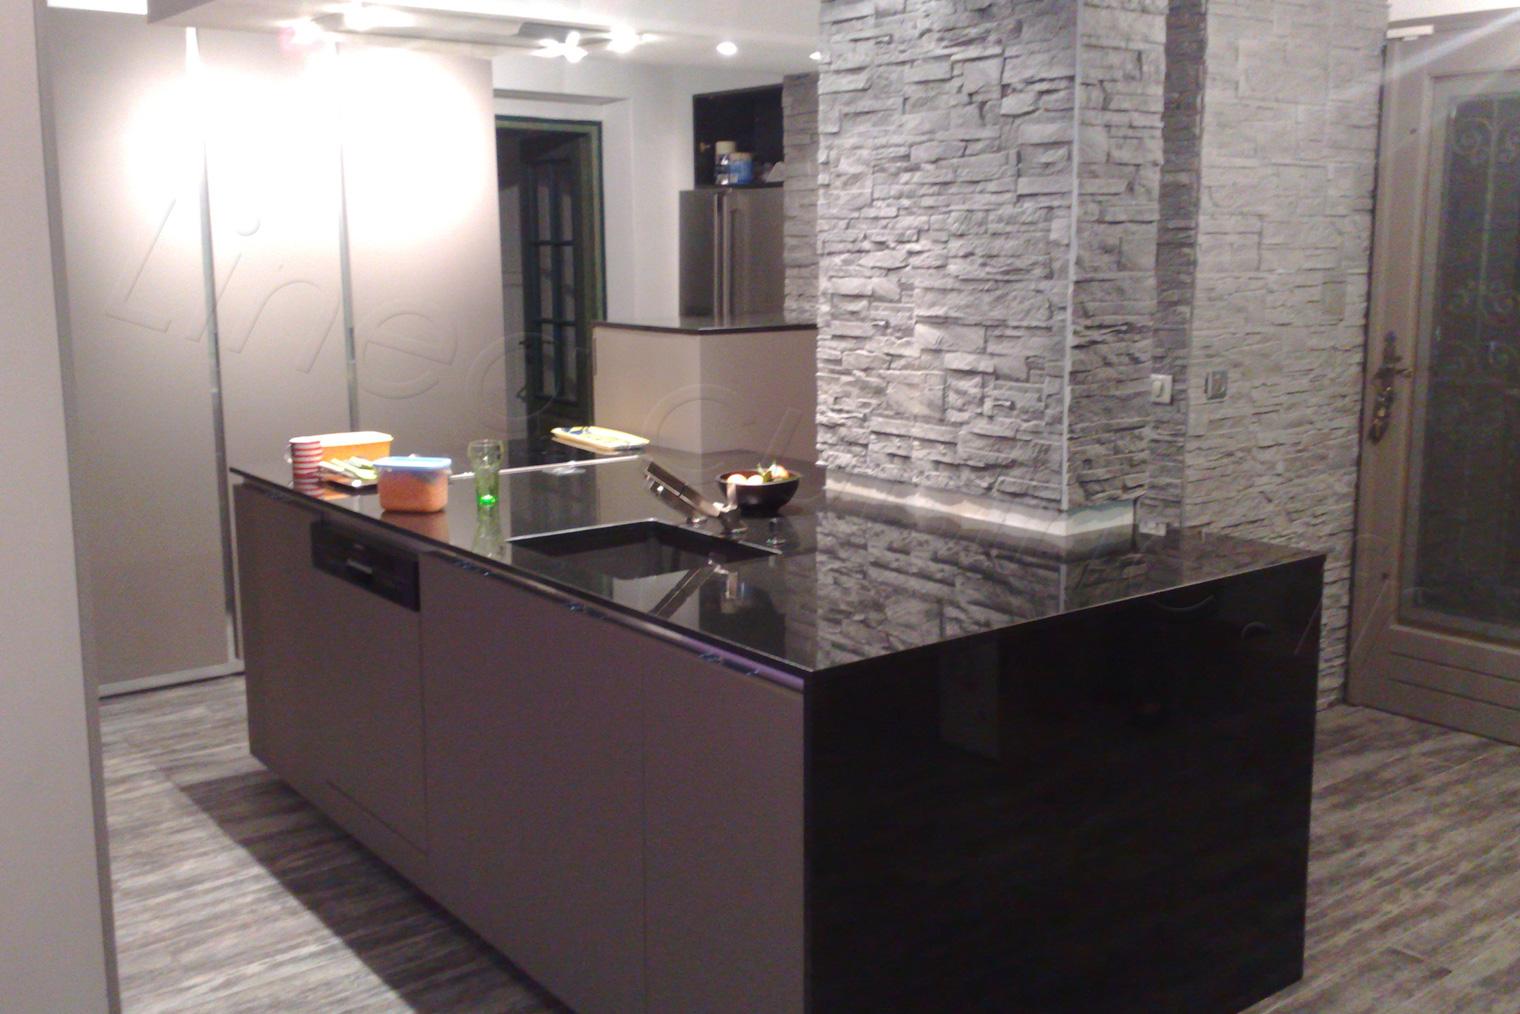 Idee Chambre Bebe Decoration : Cuisine moderne avec ilot